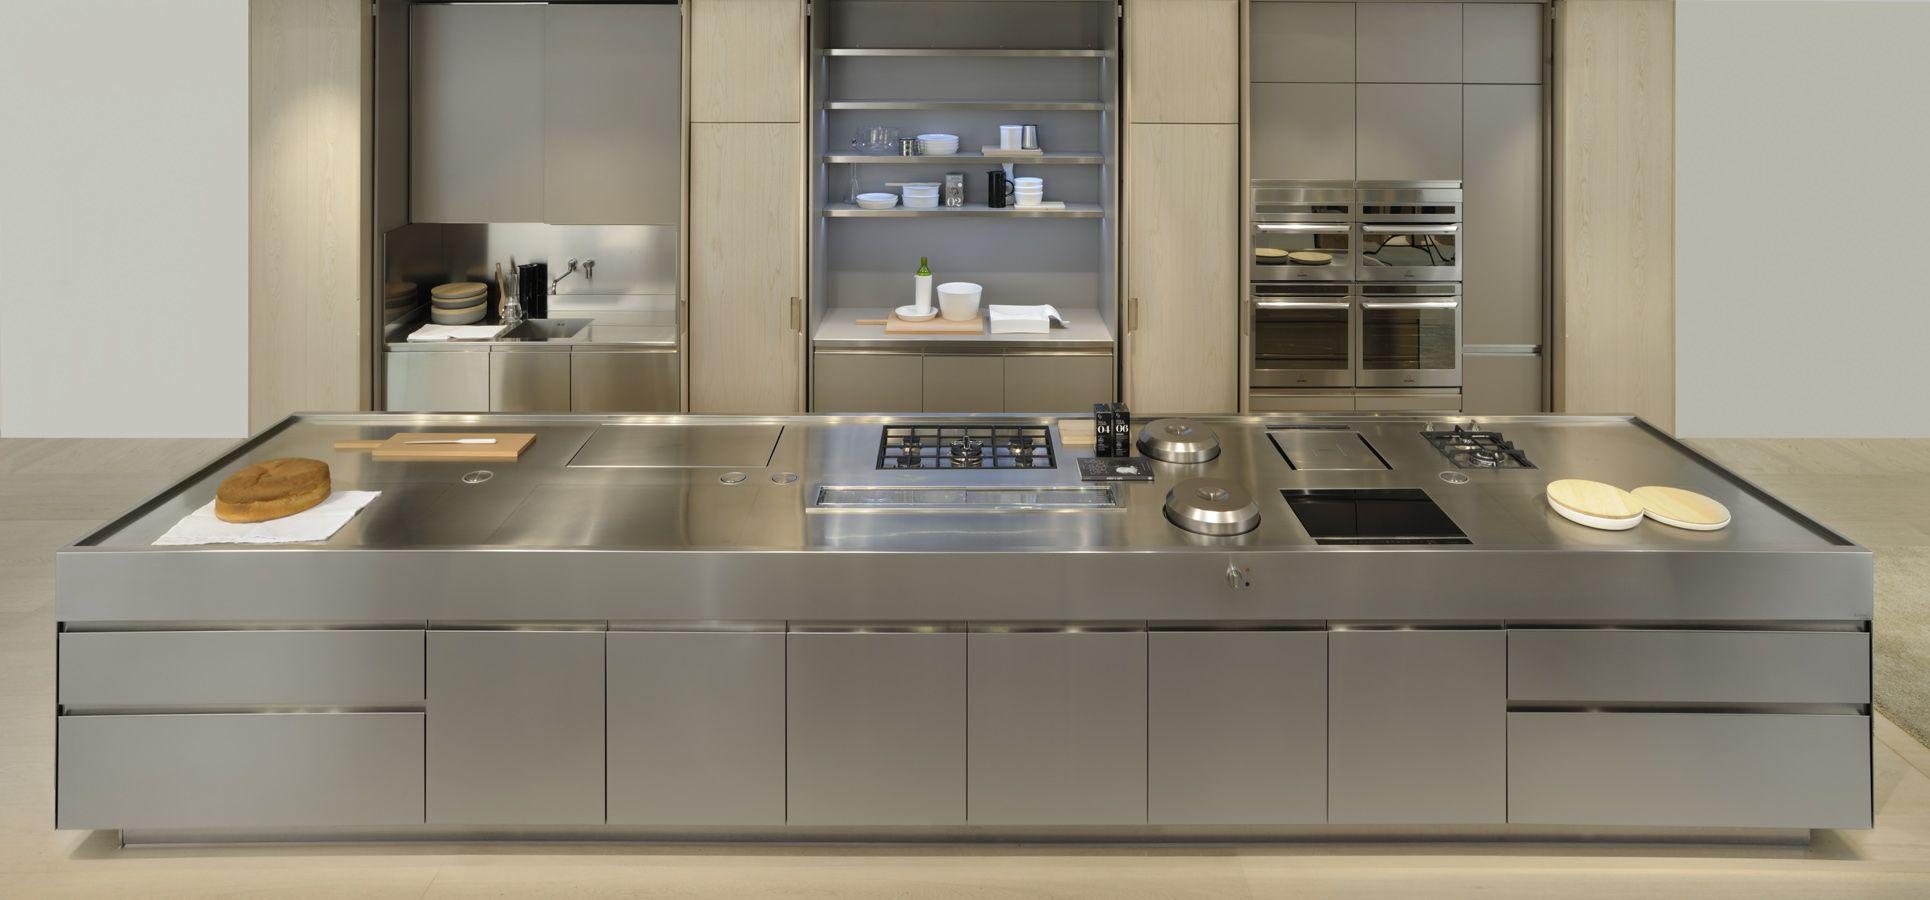 Arclinea modello cucina Convivium. Idee Case Canuto | Cucine ...